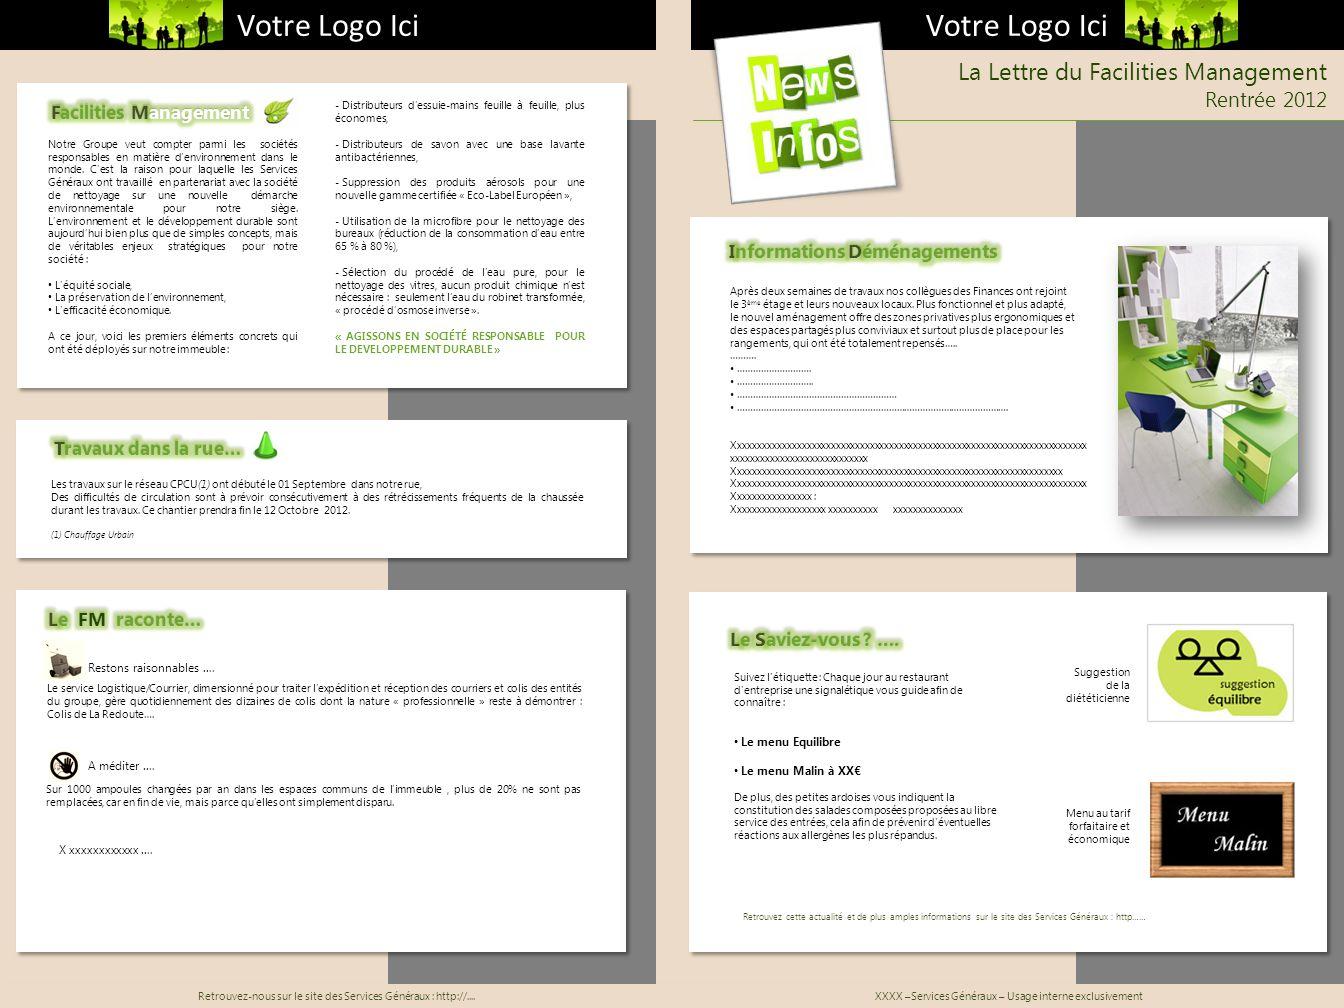 La Lettre du Facilities Management Rentrée 2012 Restons raisonnables …. Le service Logistique/Courrier, dimensionné pour traiter lexpédition et récept